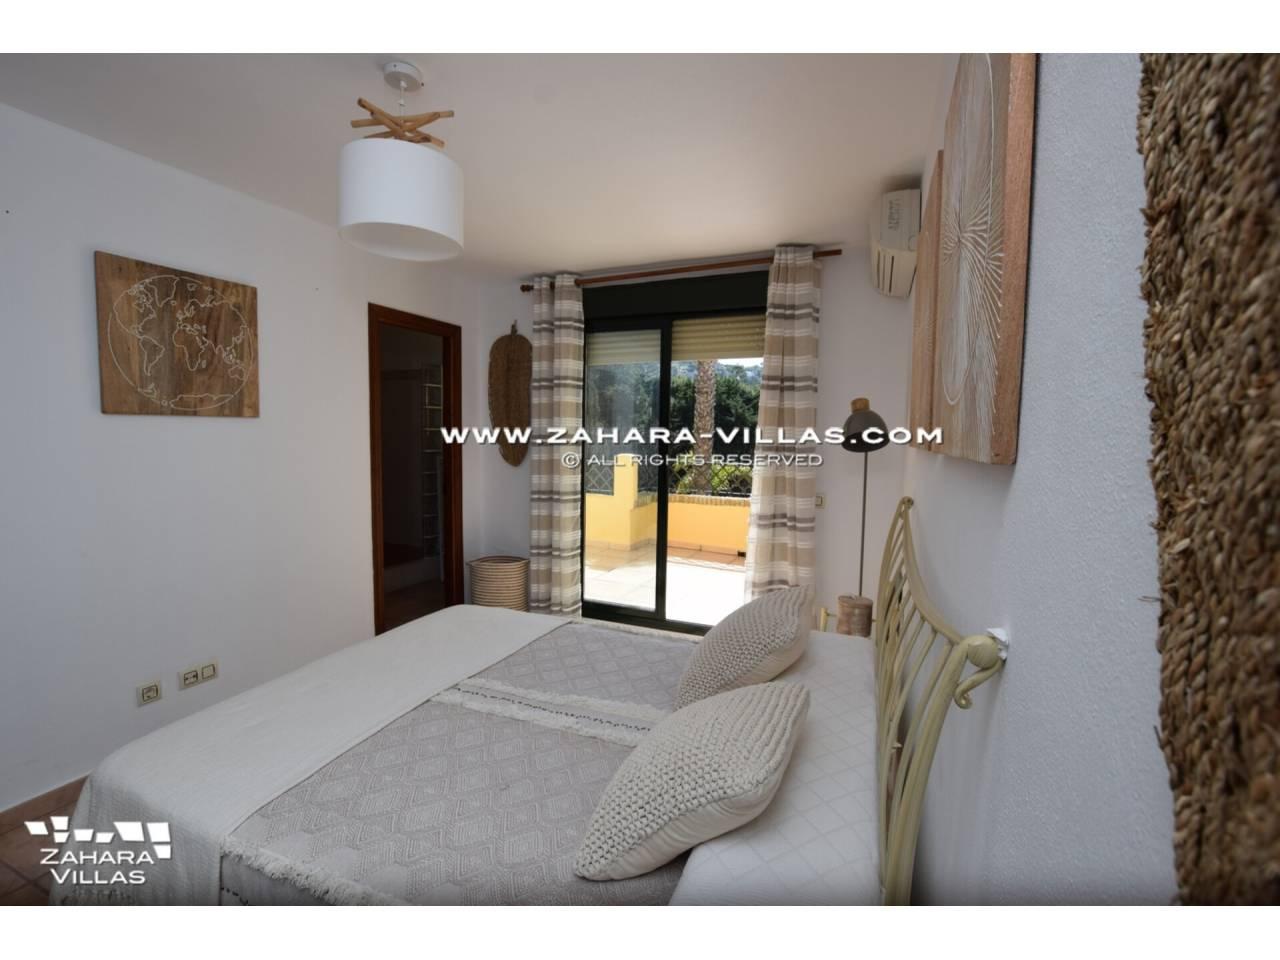 Imagen 17 de Casa Adosada con vistas al mar en venta en Urb. Jardines de Zahara